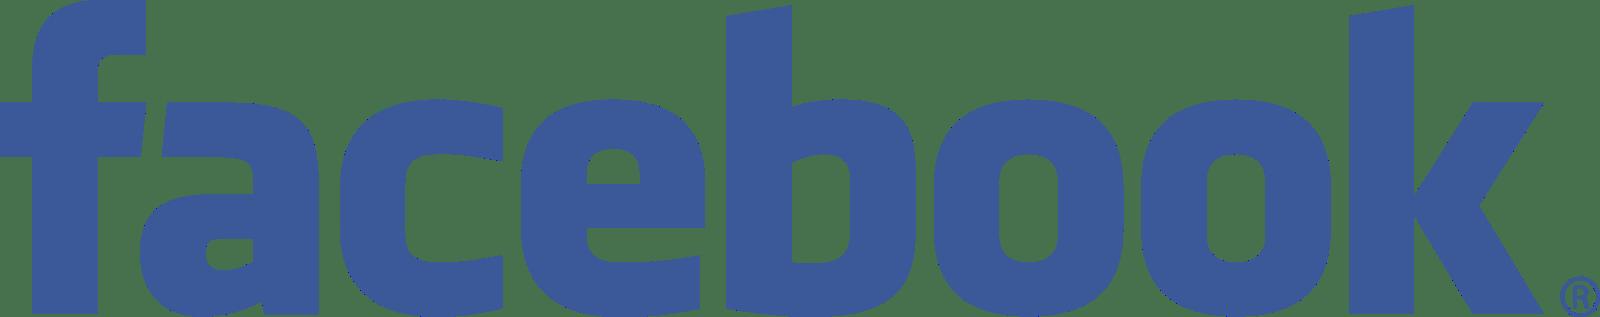 facebook bolsa - estimaciones económicas para este 2020 de facebook